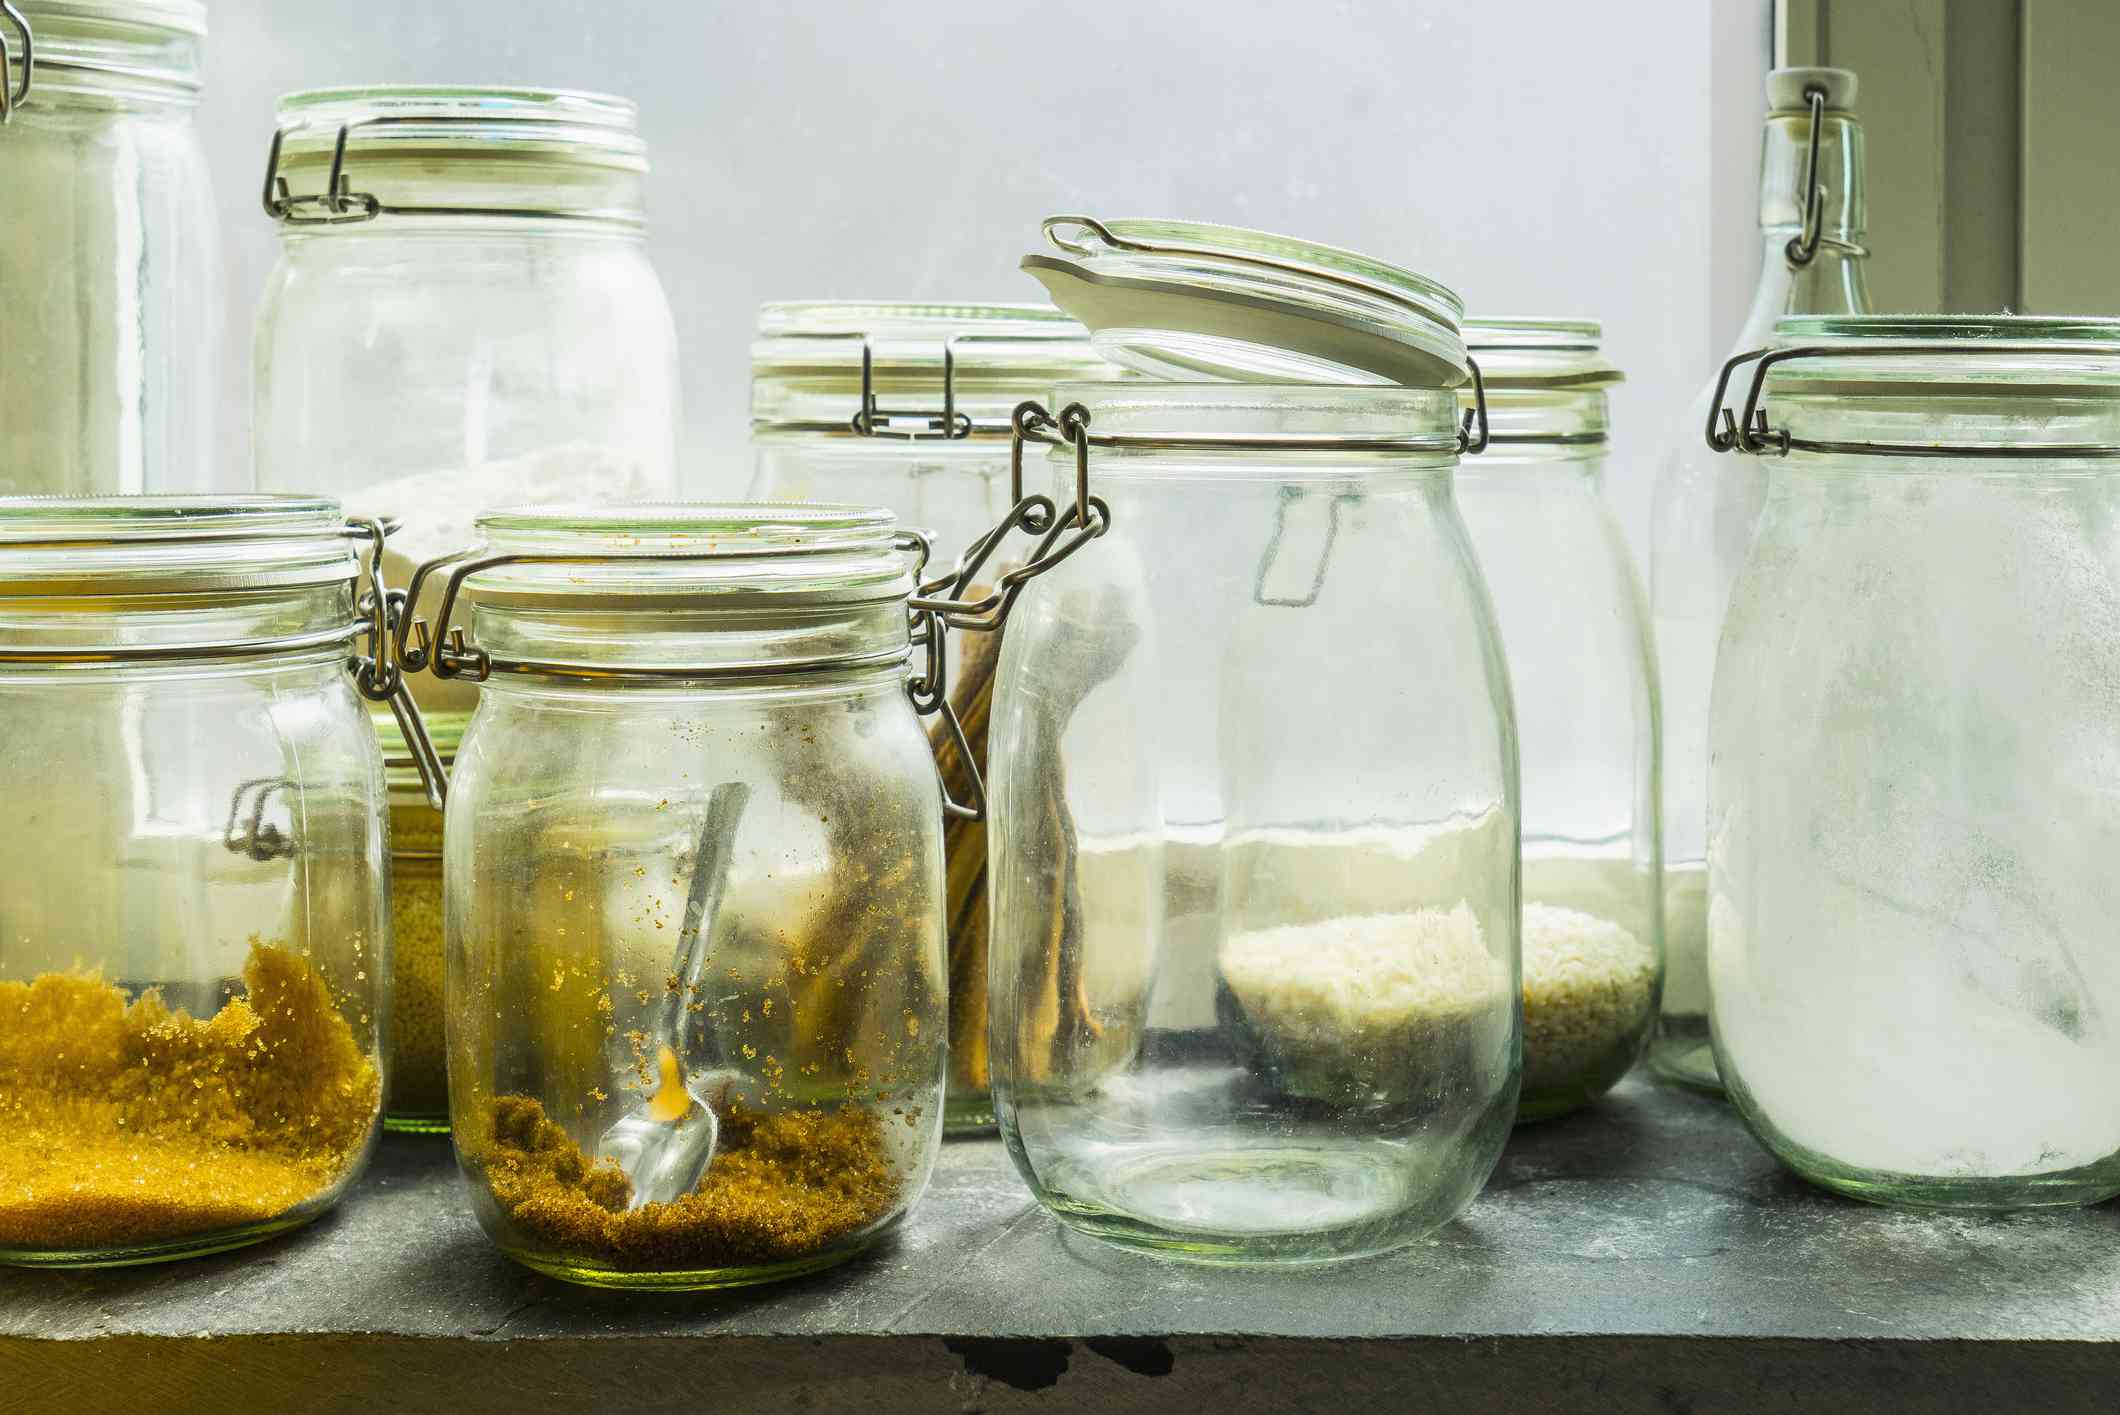 Open mason jars